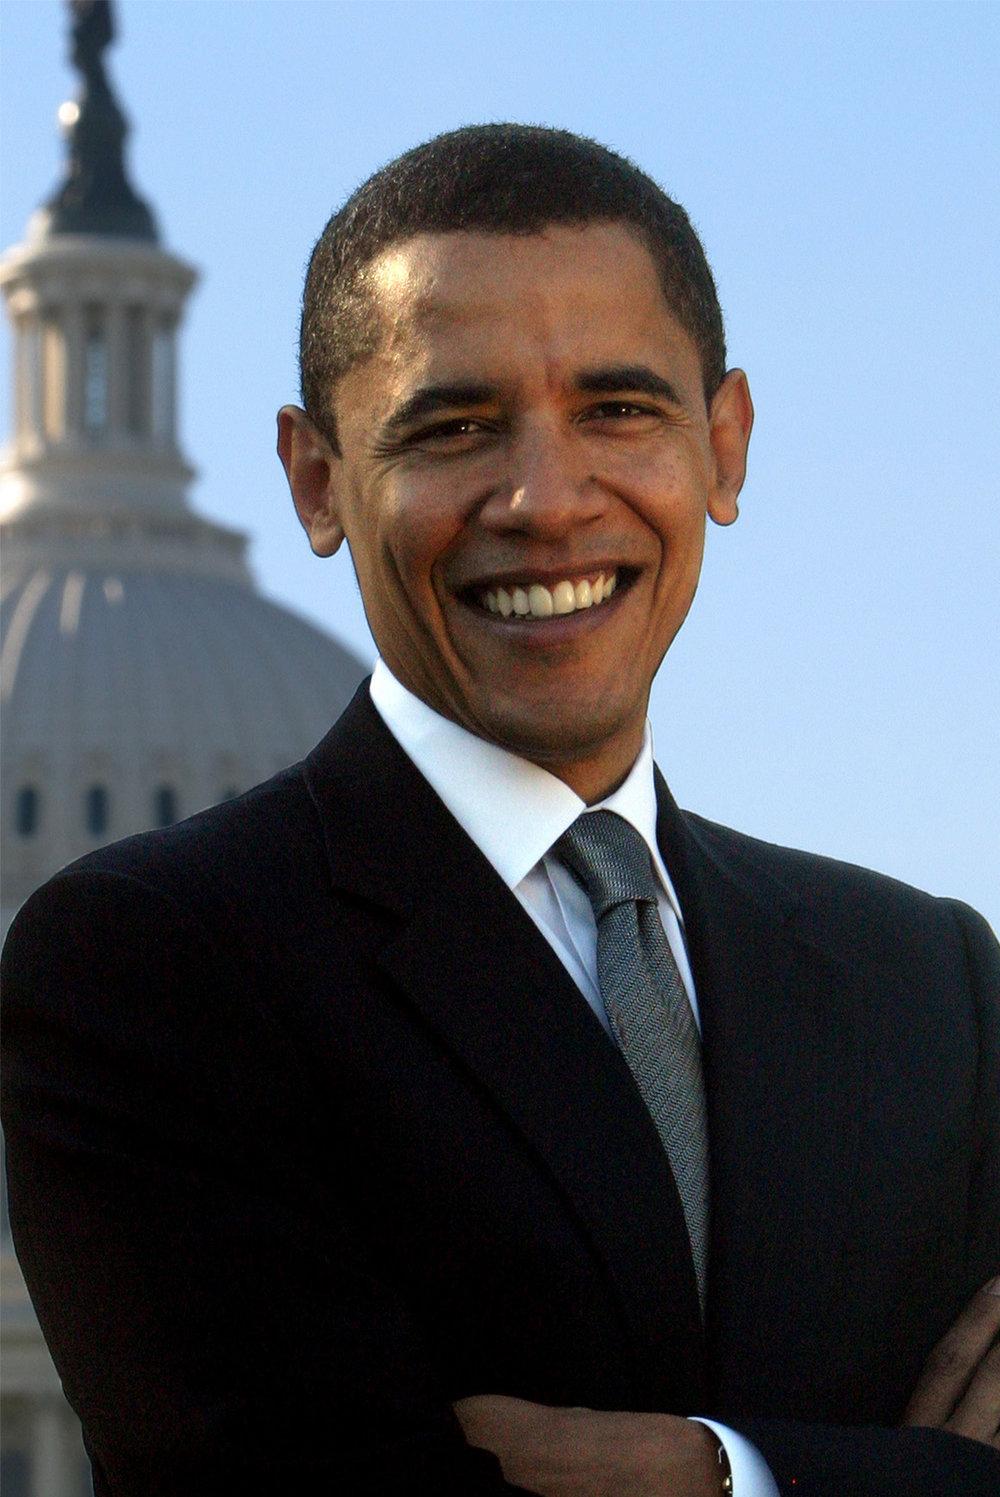 Copy of Barack Obama II